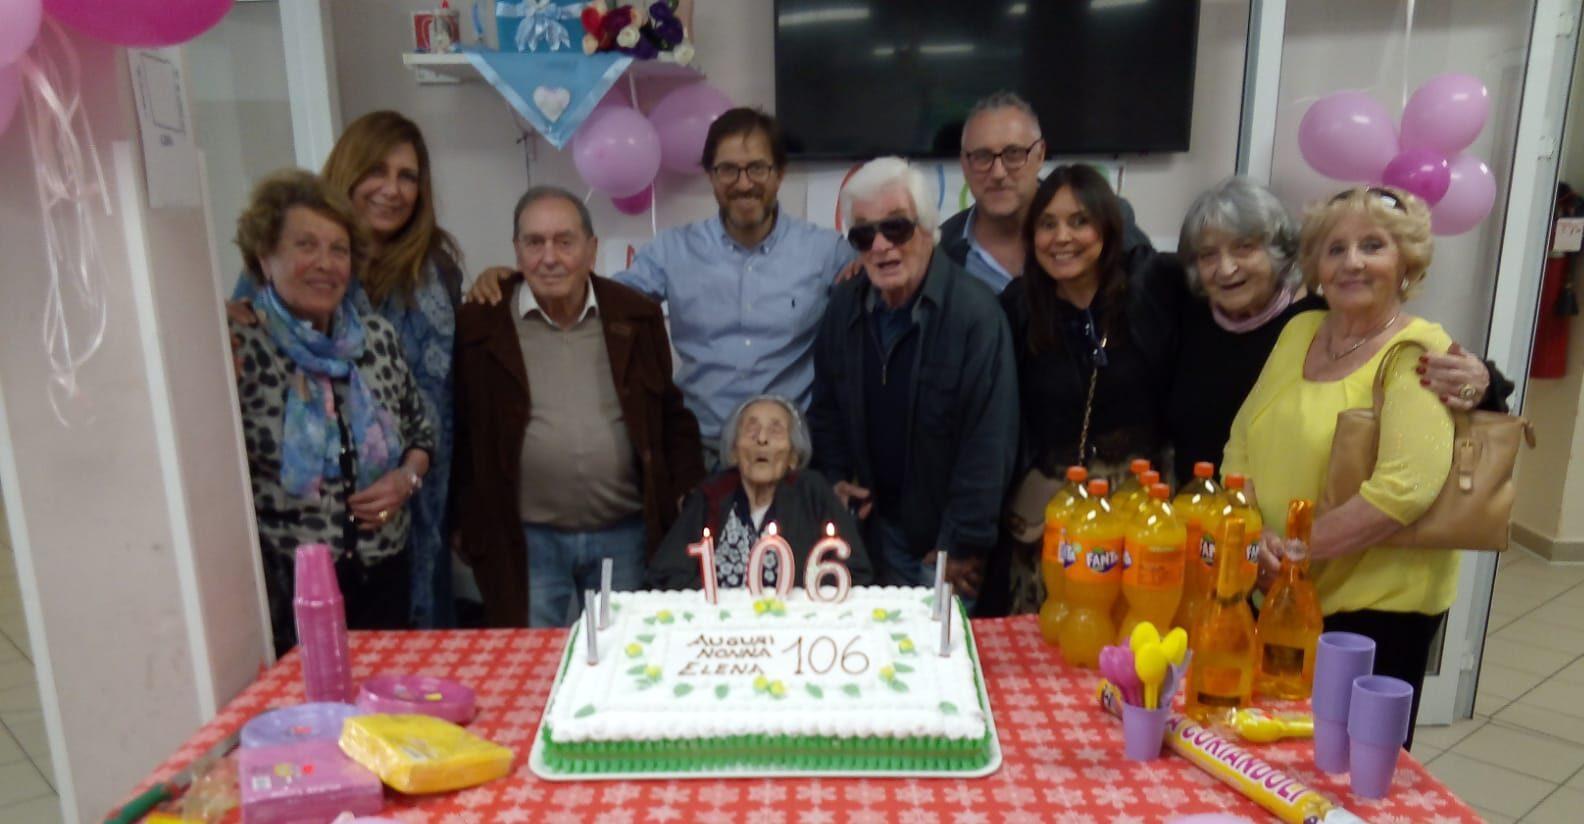 Oggi compie ben 106 anni la nonnina marsicana Elena Iacobucci